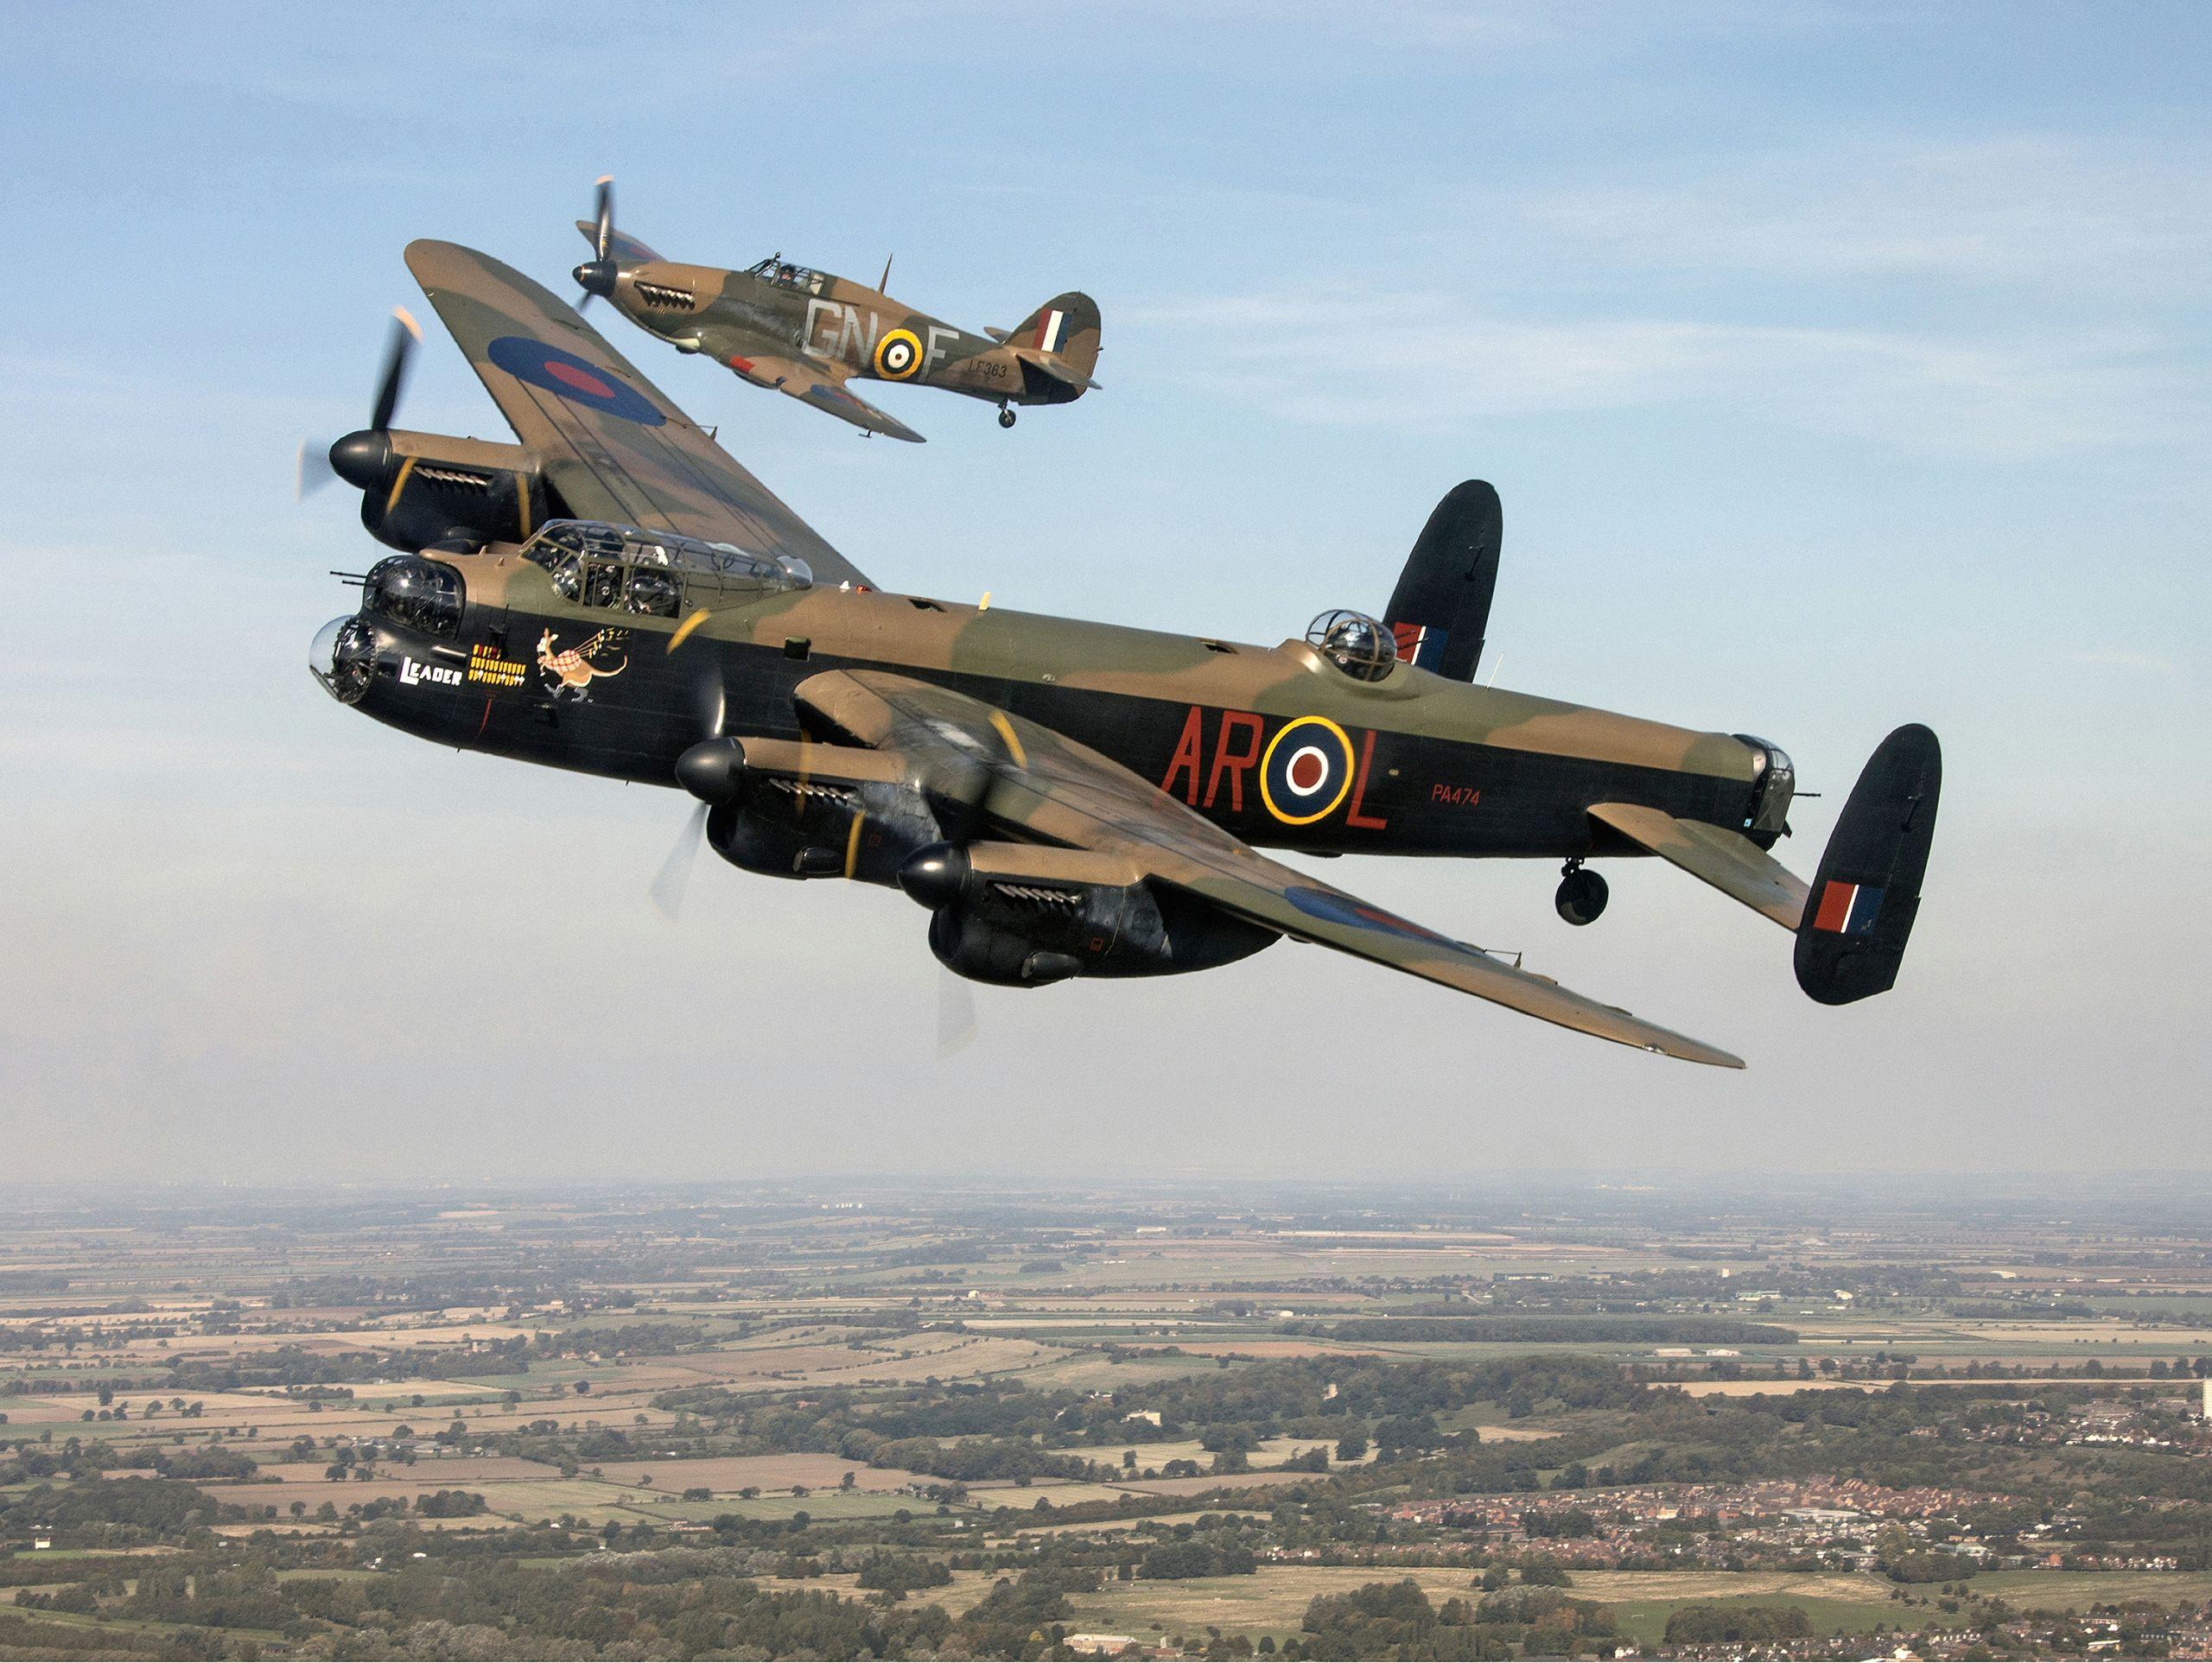 battle of britain memorial flight members 27 day 2018 mod 45164718 jpg